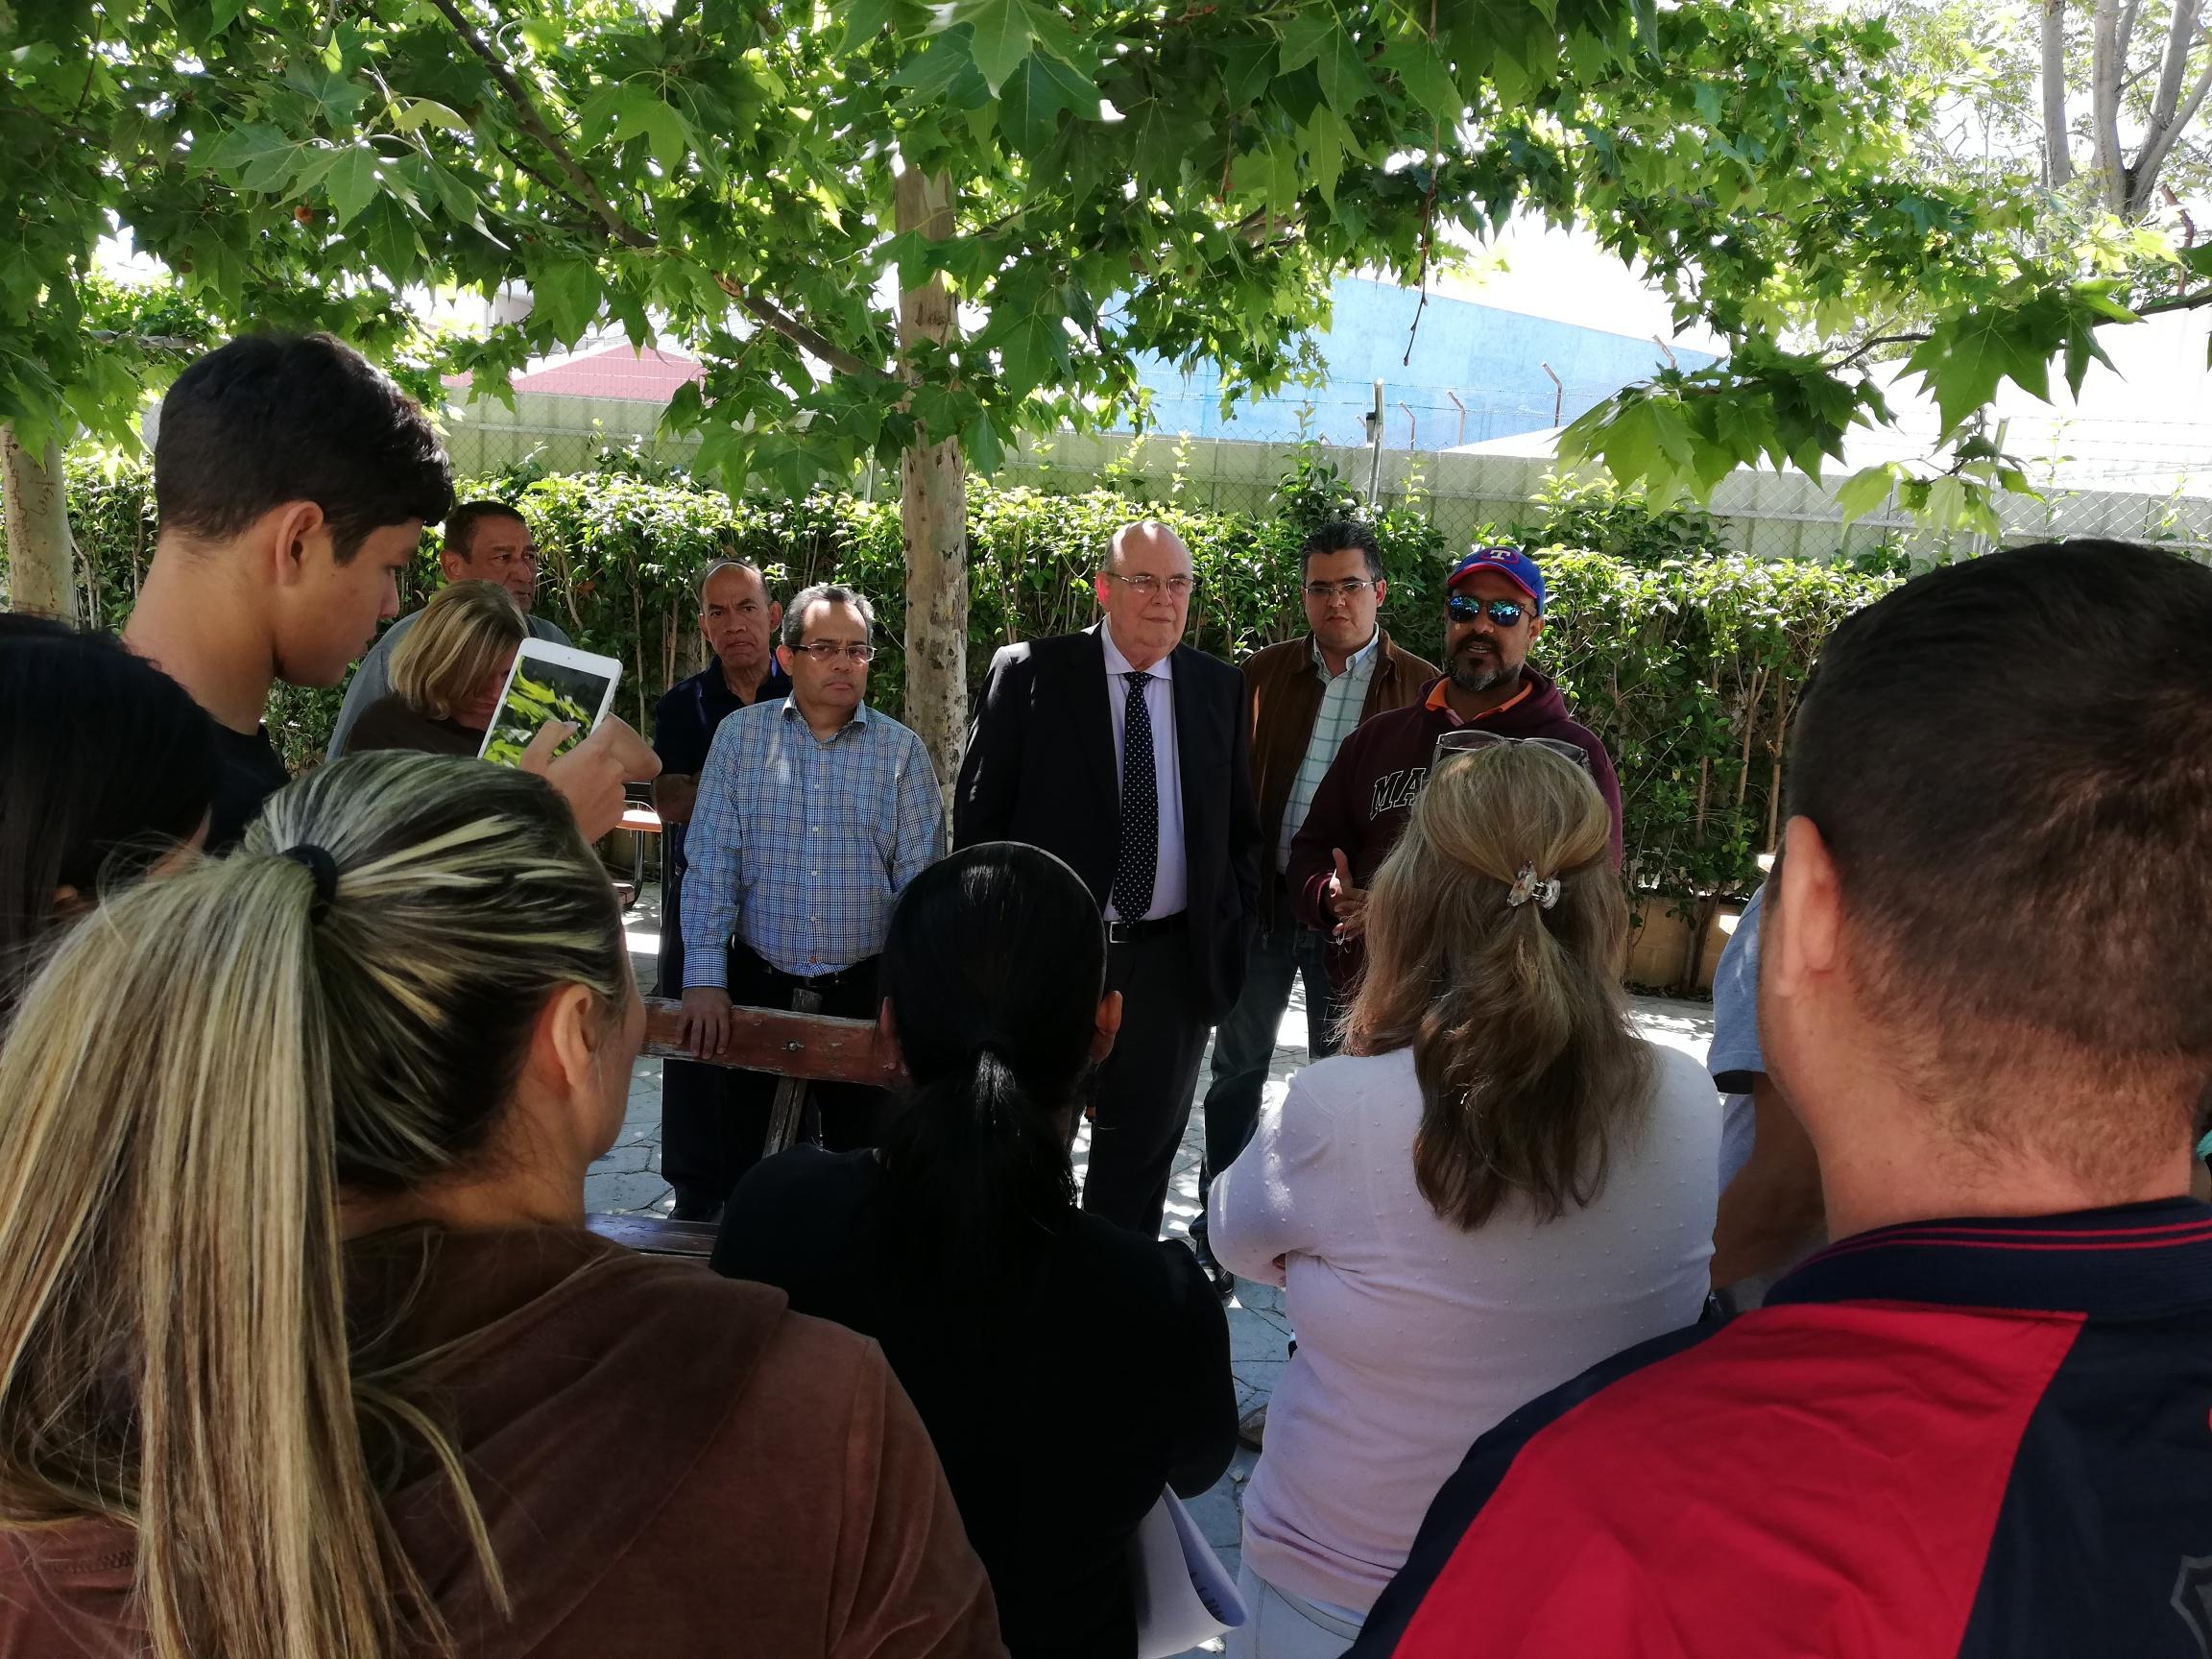 La 'cara B' de la residencia humanitaria de Sánchez a los venezolanos: Expulsiones exprés de los centros para refugiados